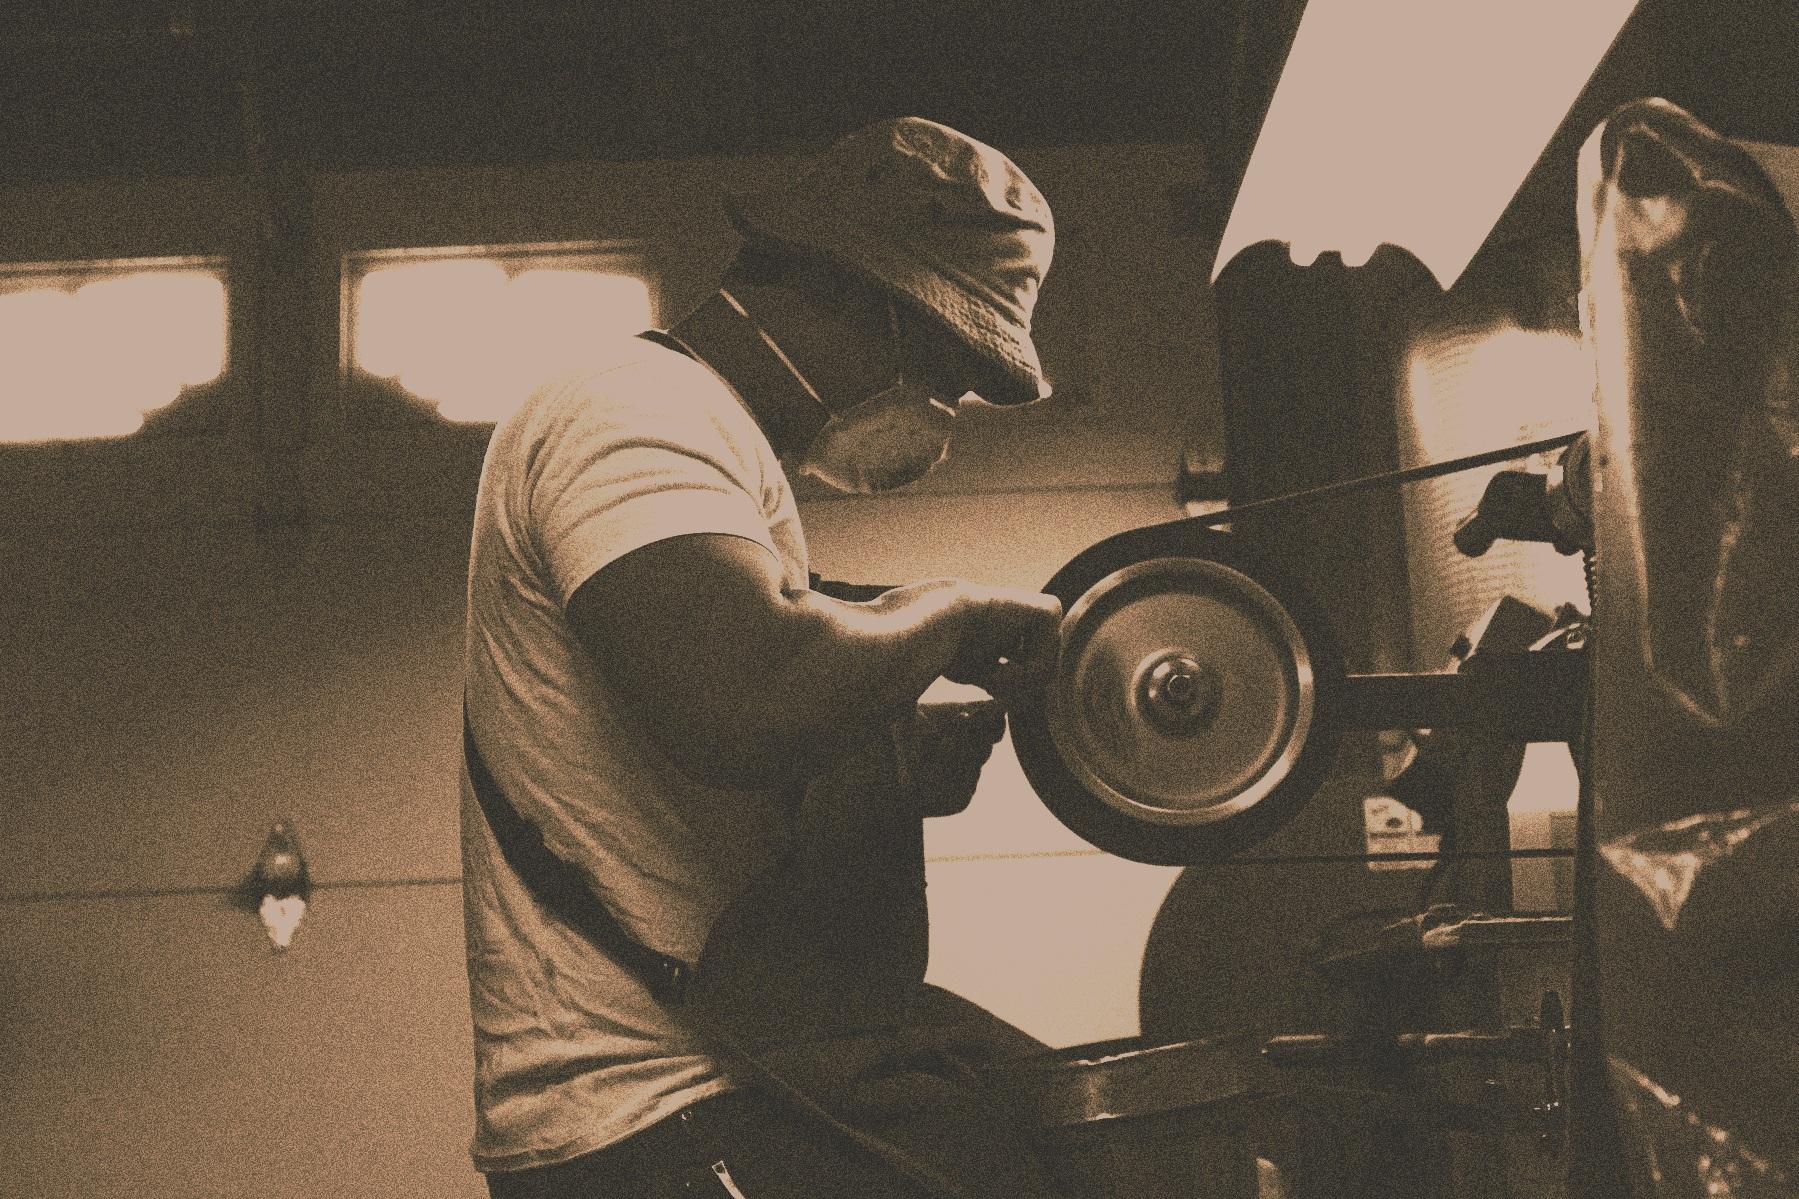 At the grinder, circa 2009.